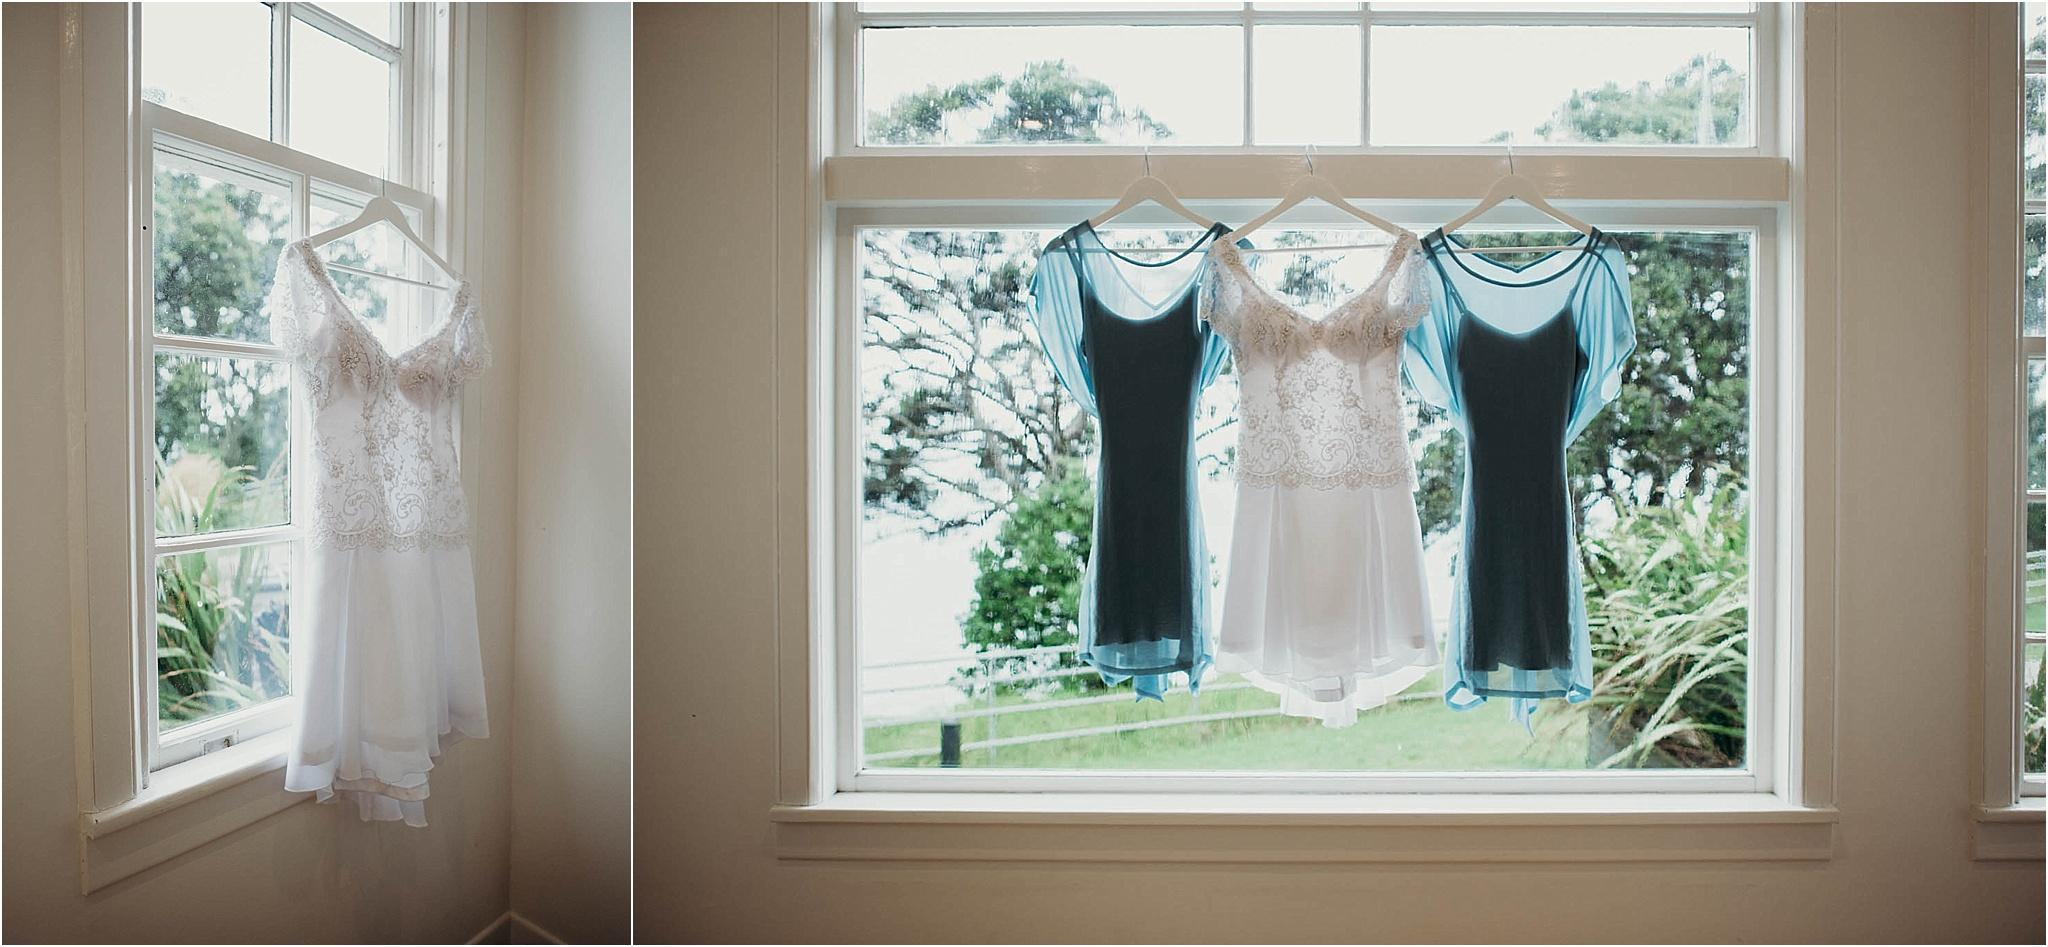 Auckland-Wedding-Photographer-Vanessa-Julian-Officers-Mess-Married_0001.jpg